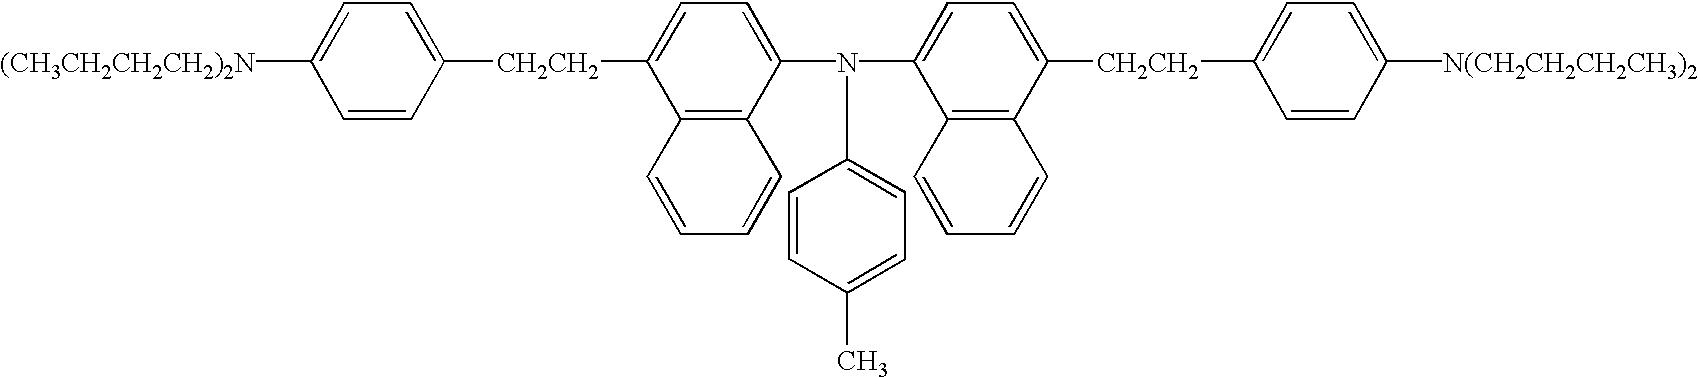 Figure US06861188-20050301-C00118